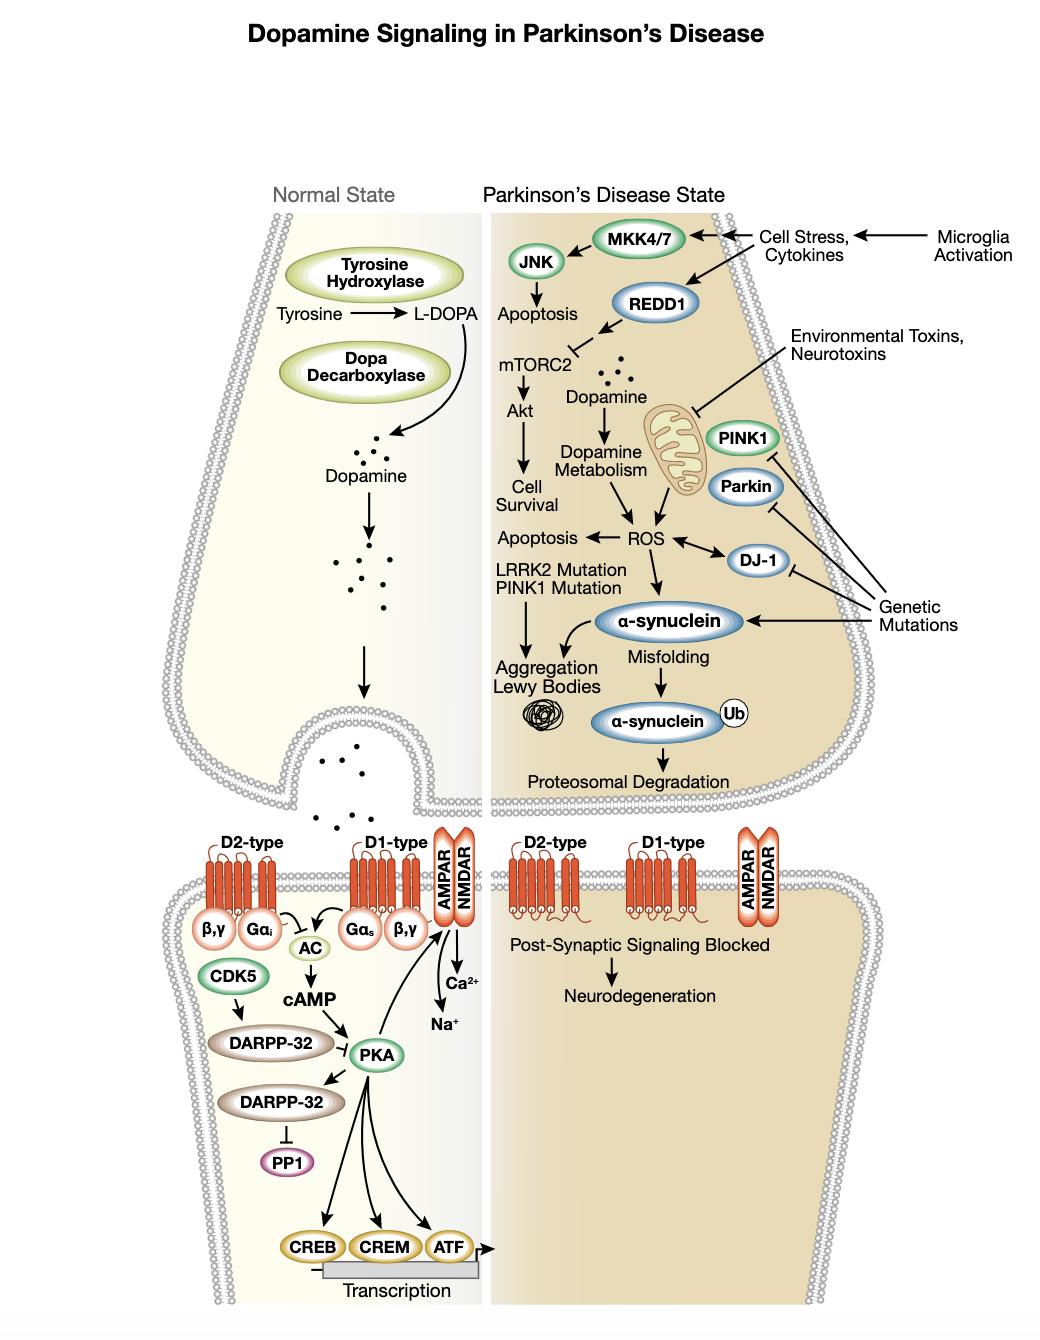 図6 パーキンソン病におけるドーパミンシグナル伝達経路